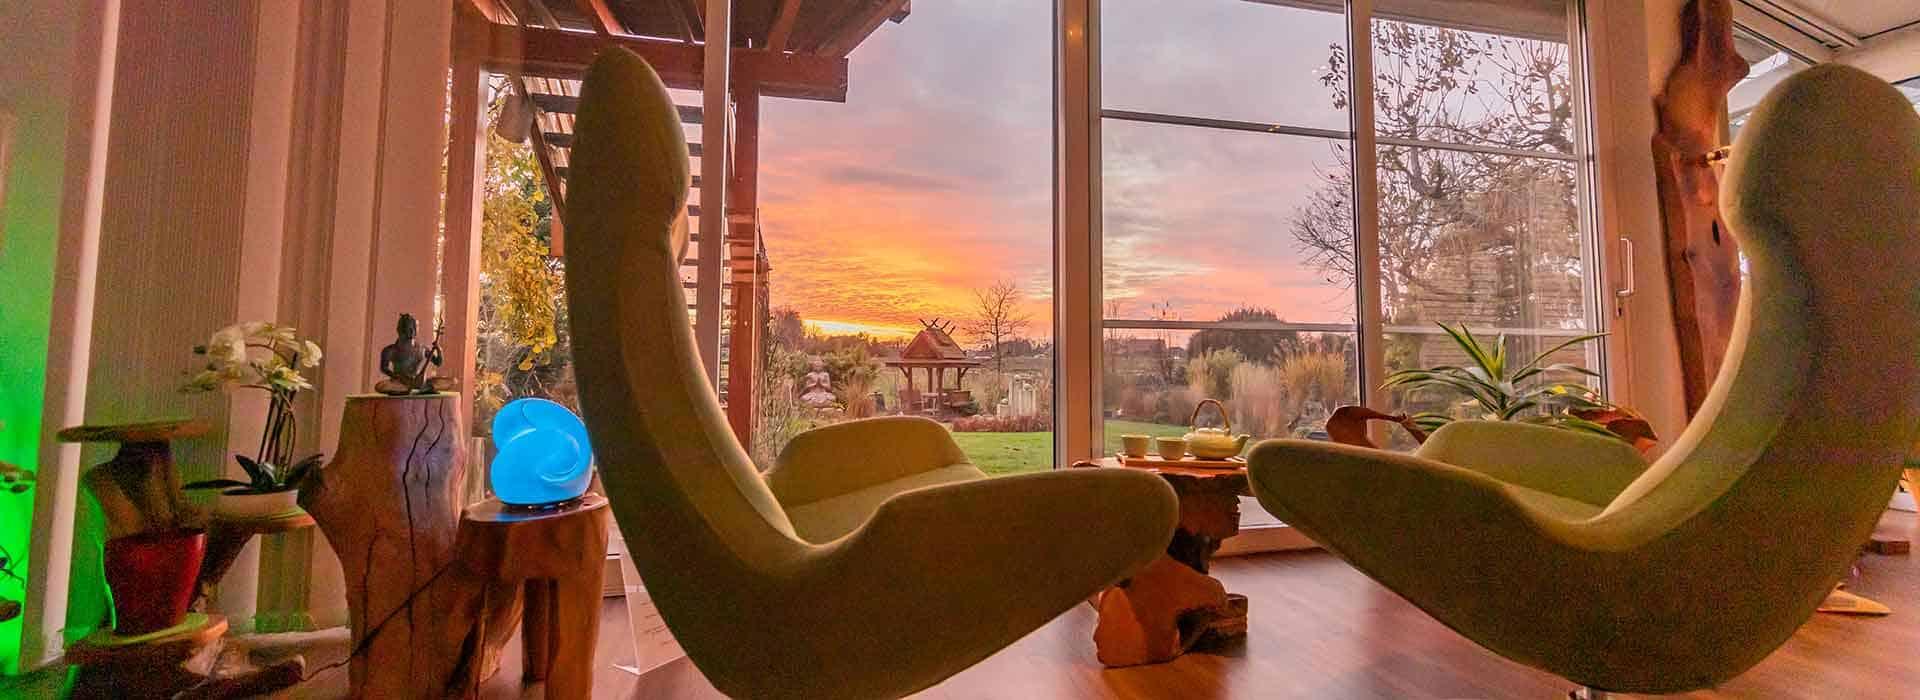 Aus der Ruhezone mit Relax-Sesseln Ausblick in die Natur